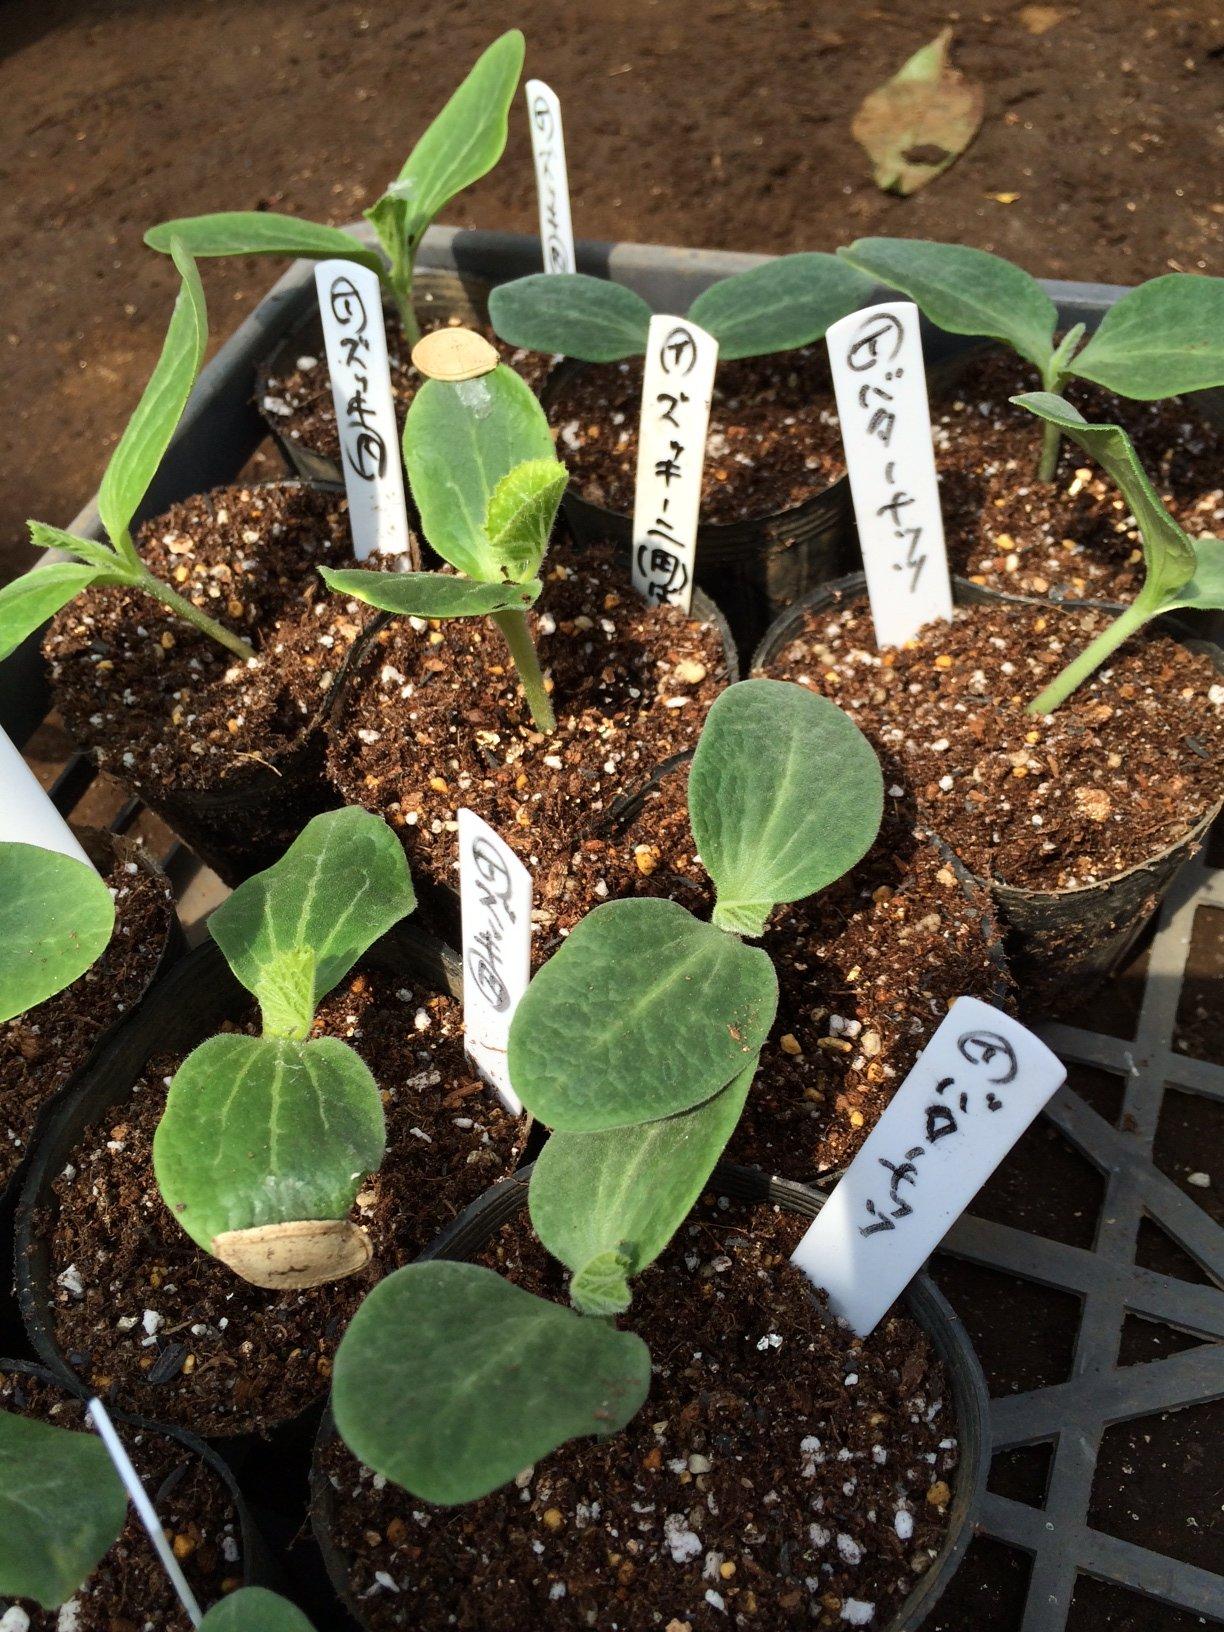 今朝より ウリ科の野菜達の鉢上げを開始します_c0222448_22095477.jpg